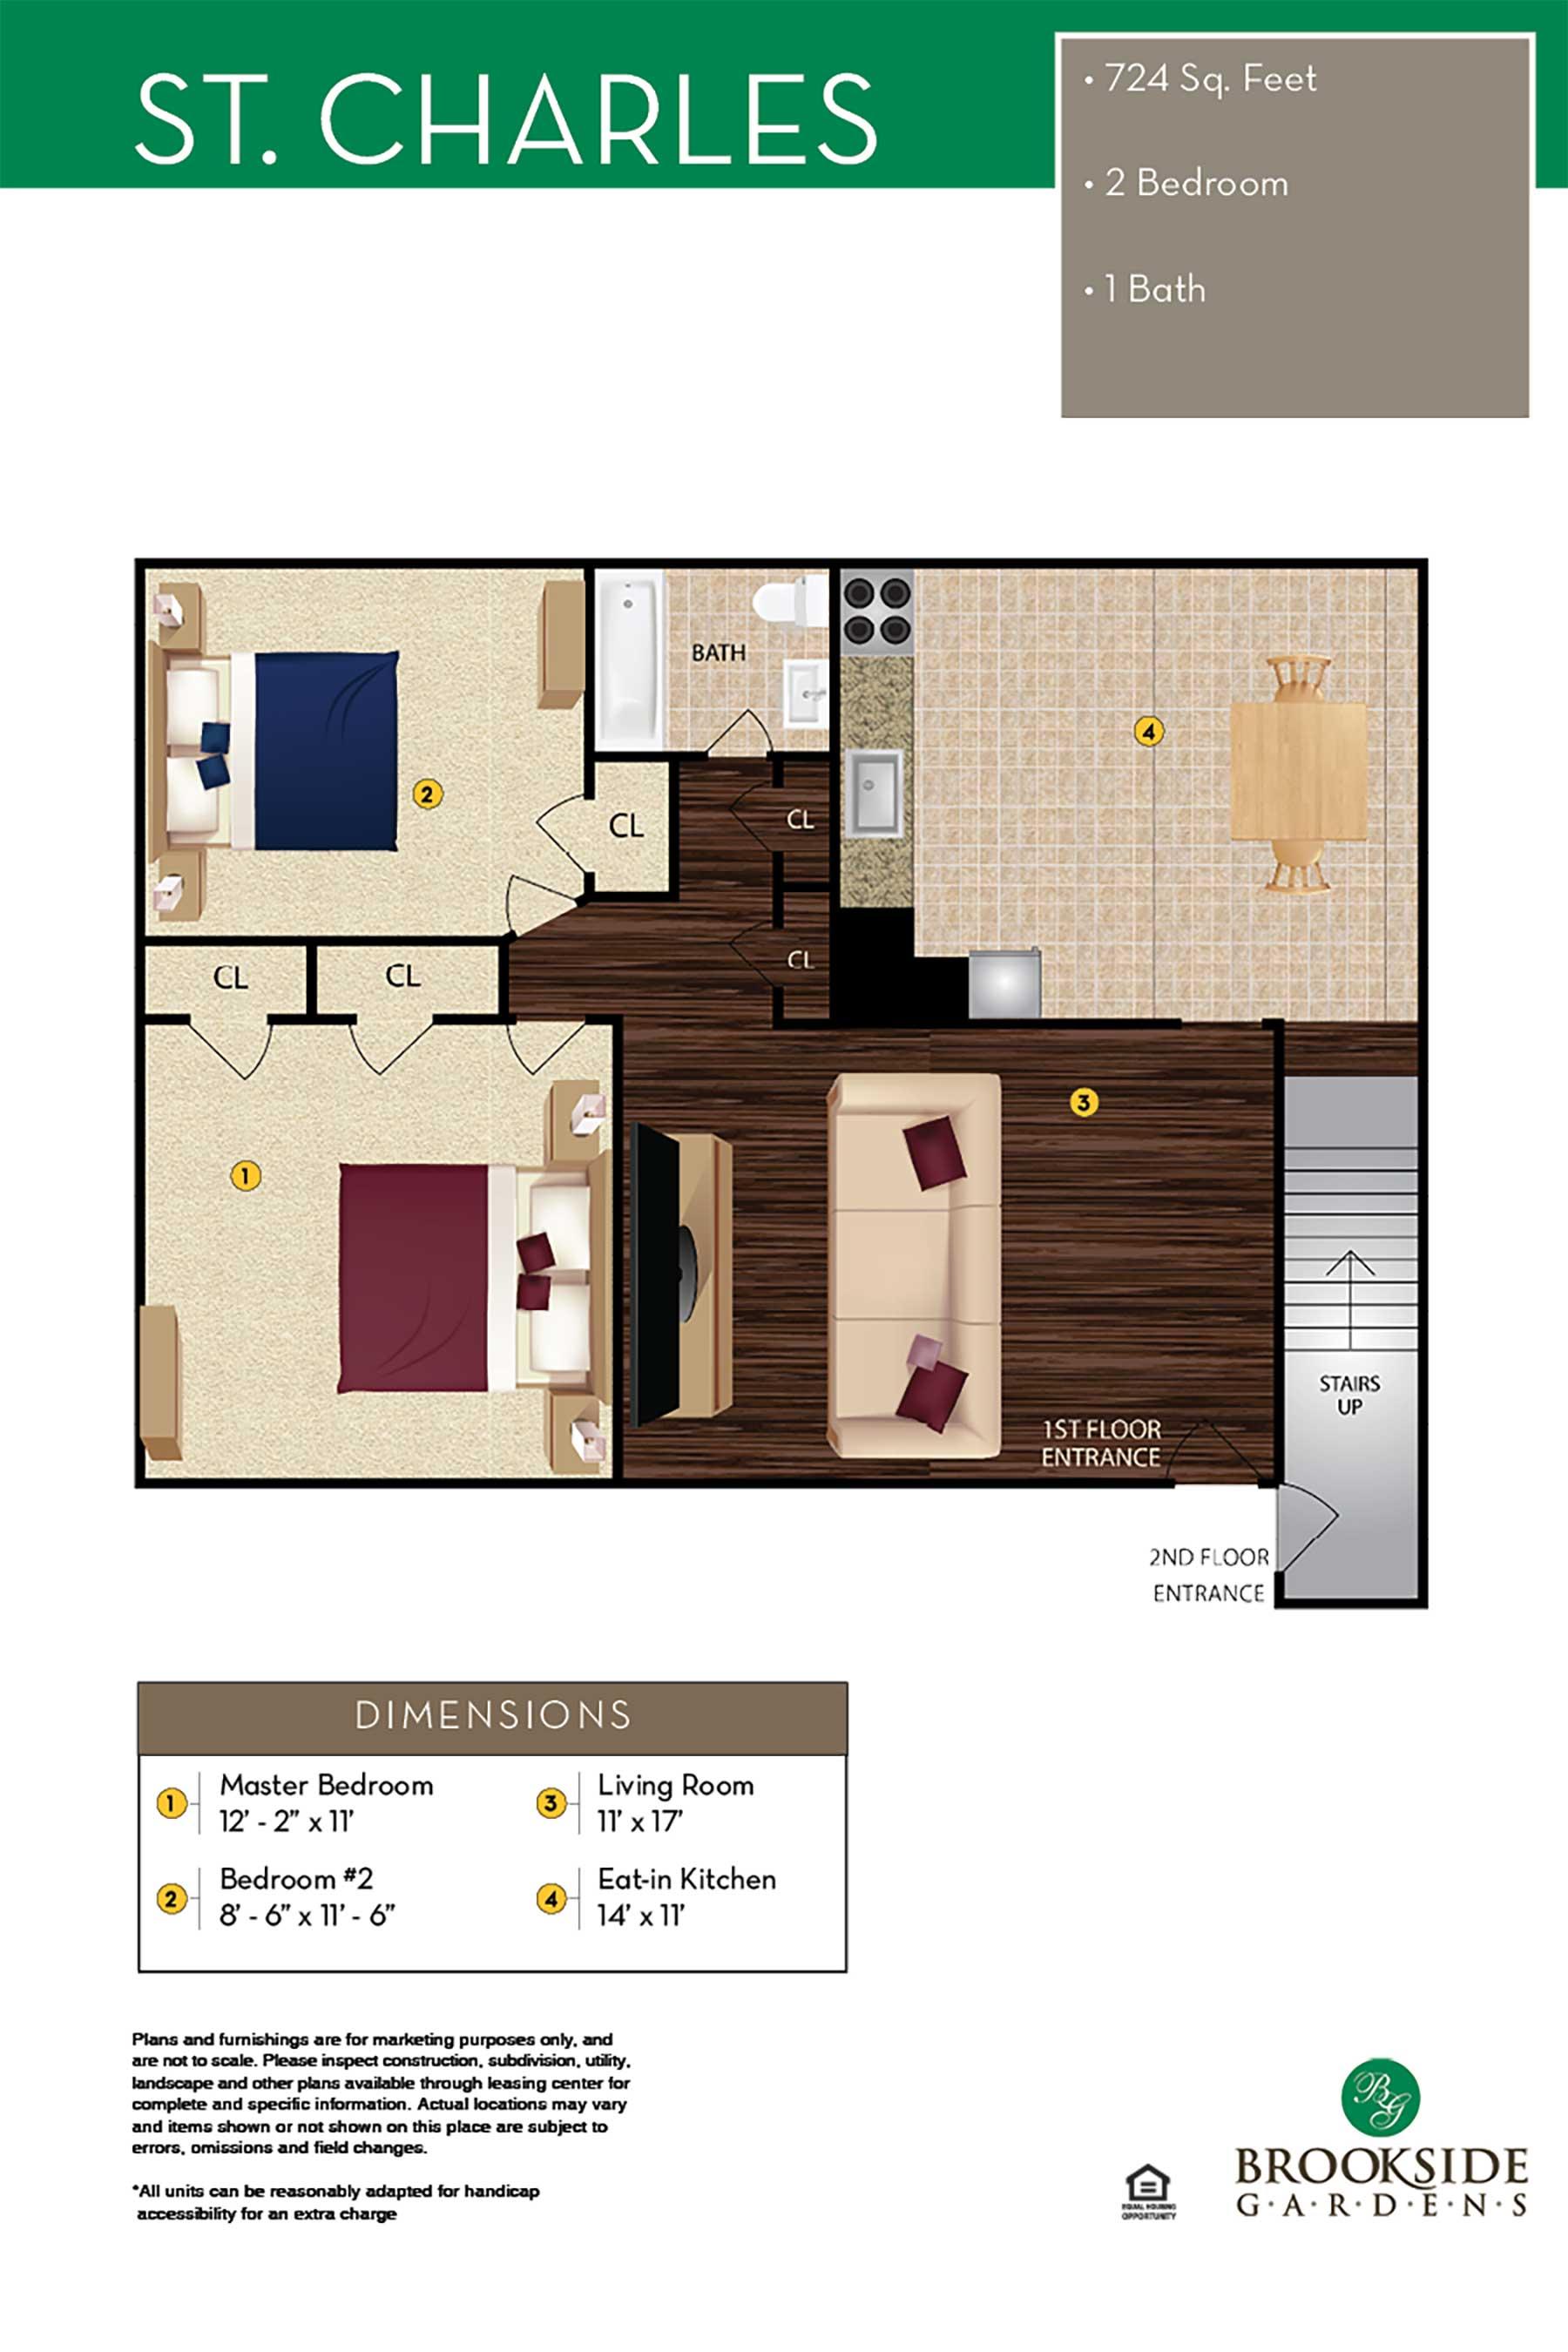 Brookside Gardens St. Charles Floor Plans